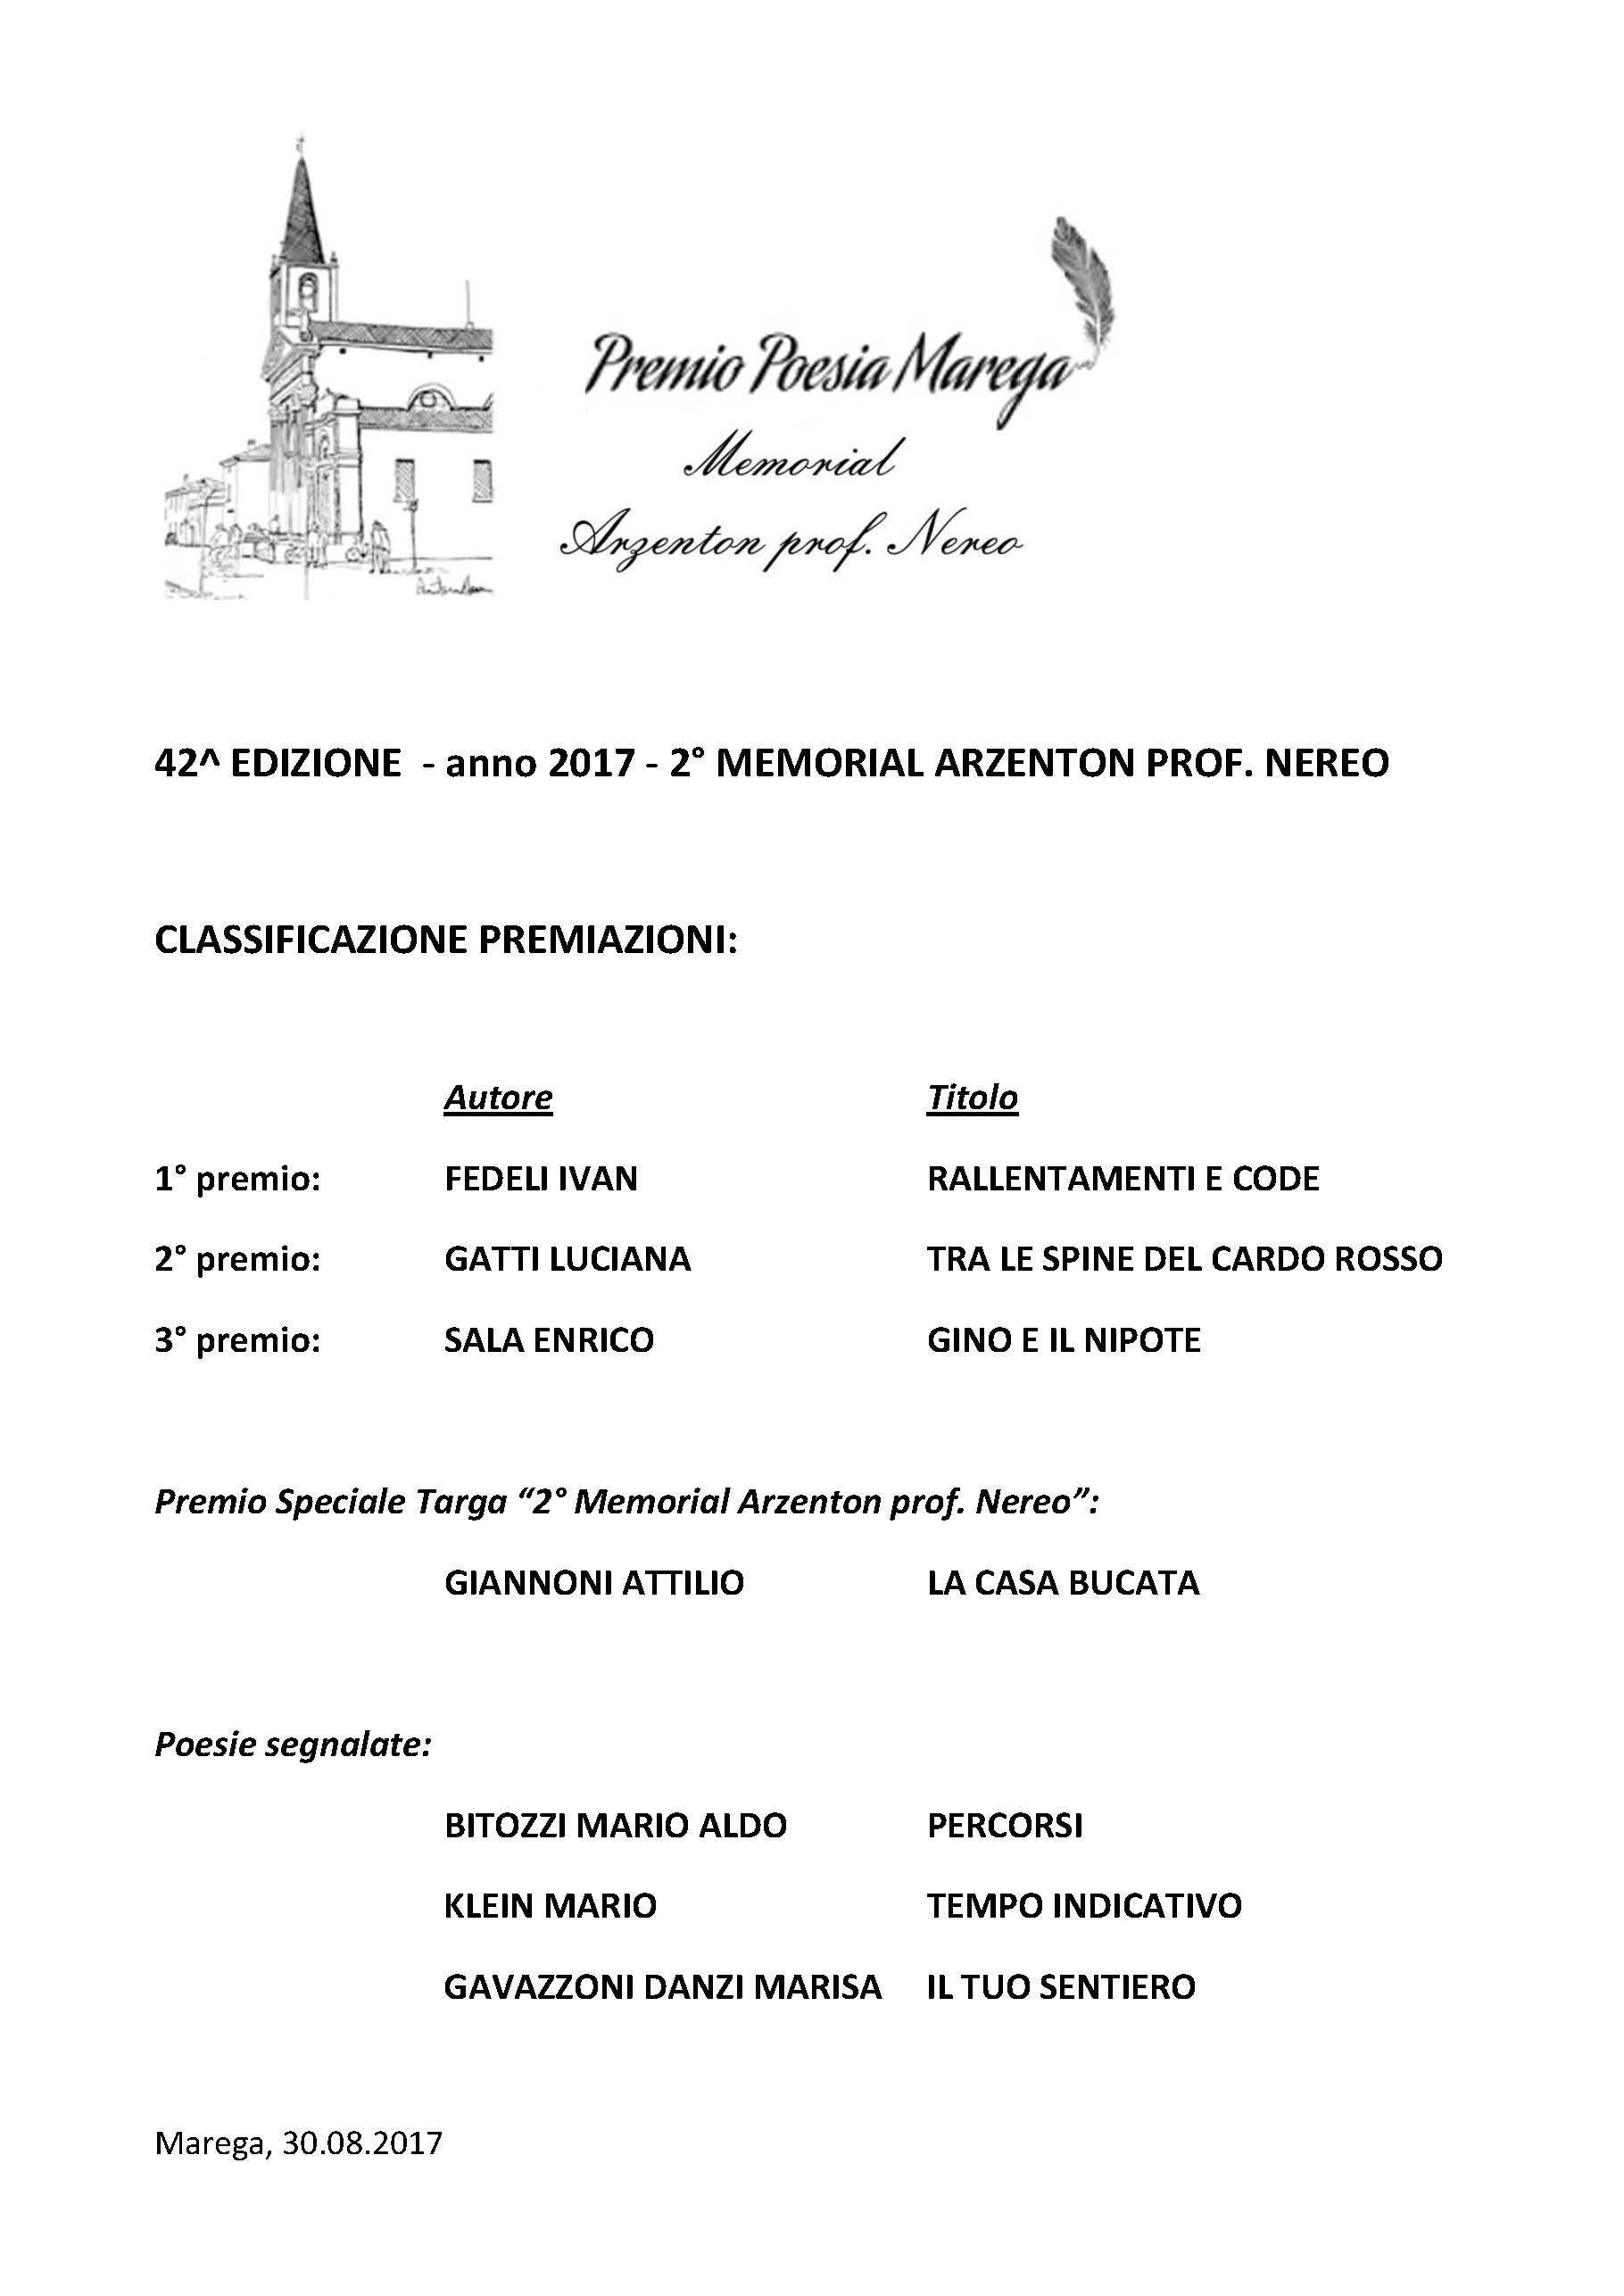 opere premiate 2017